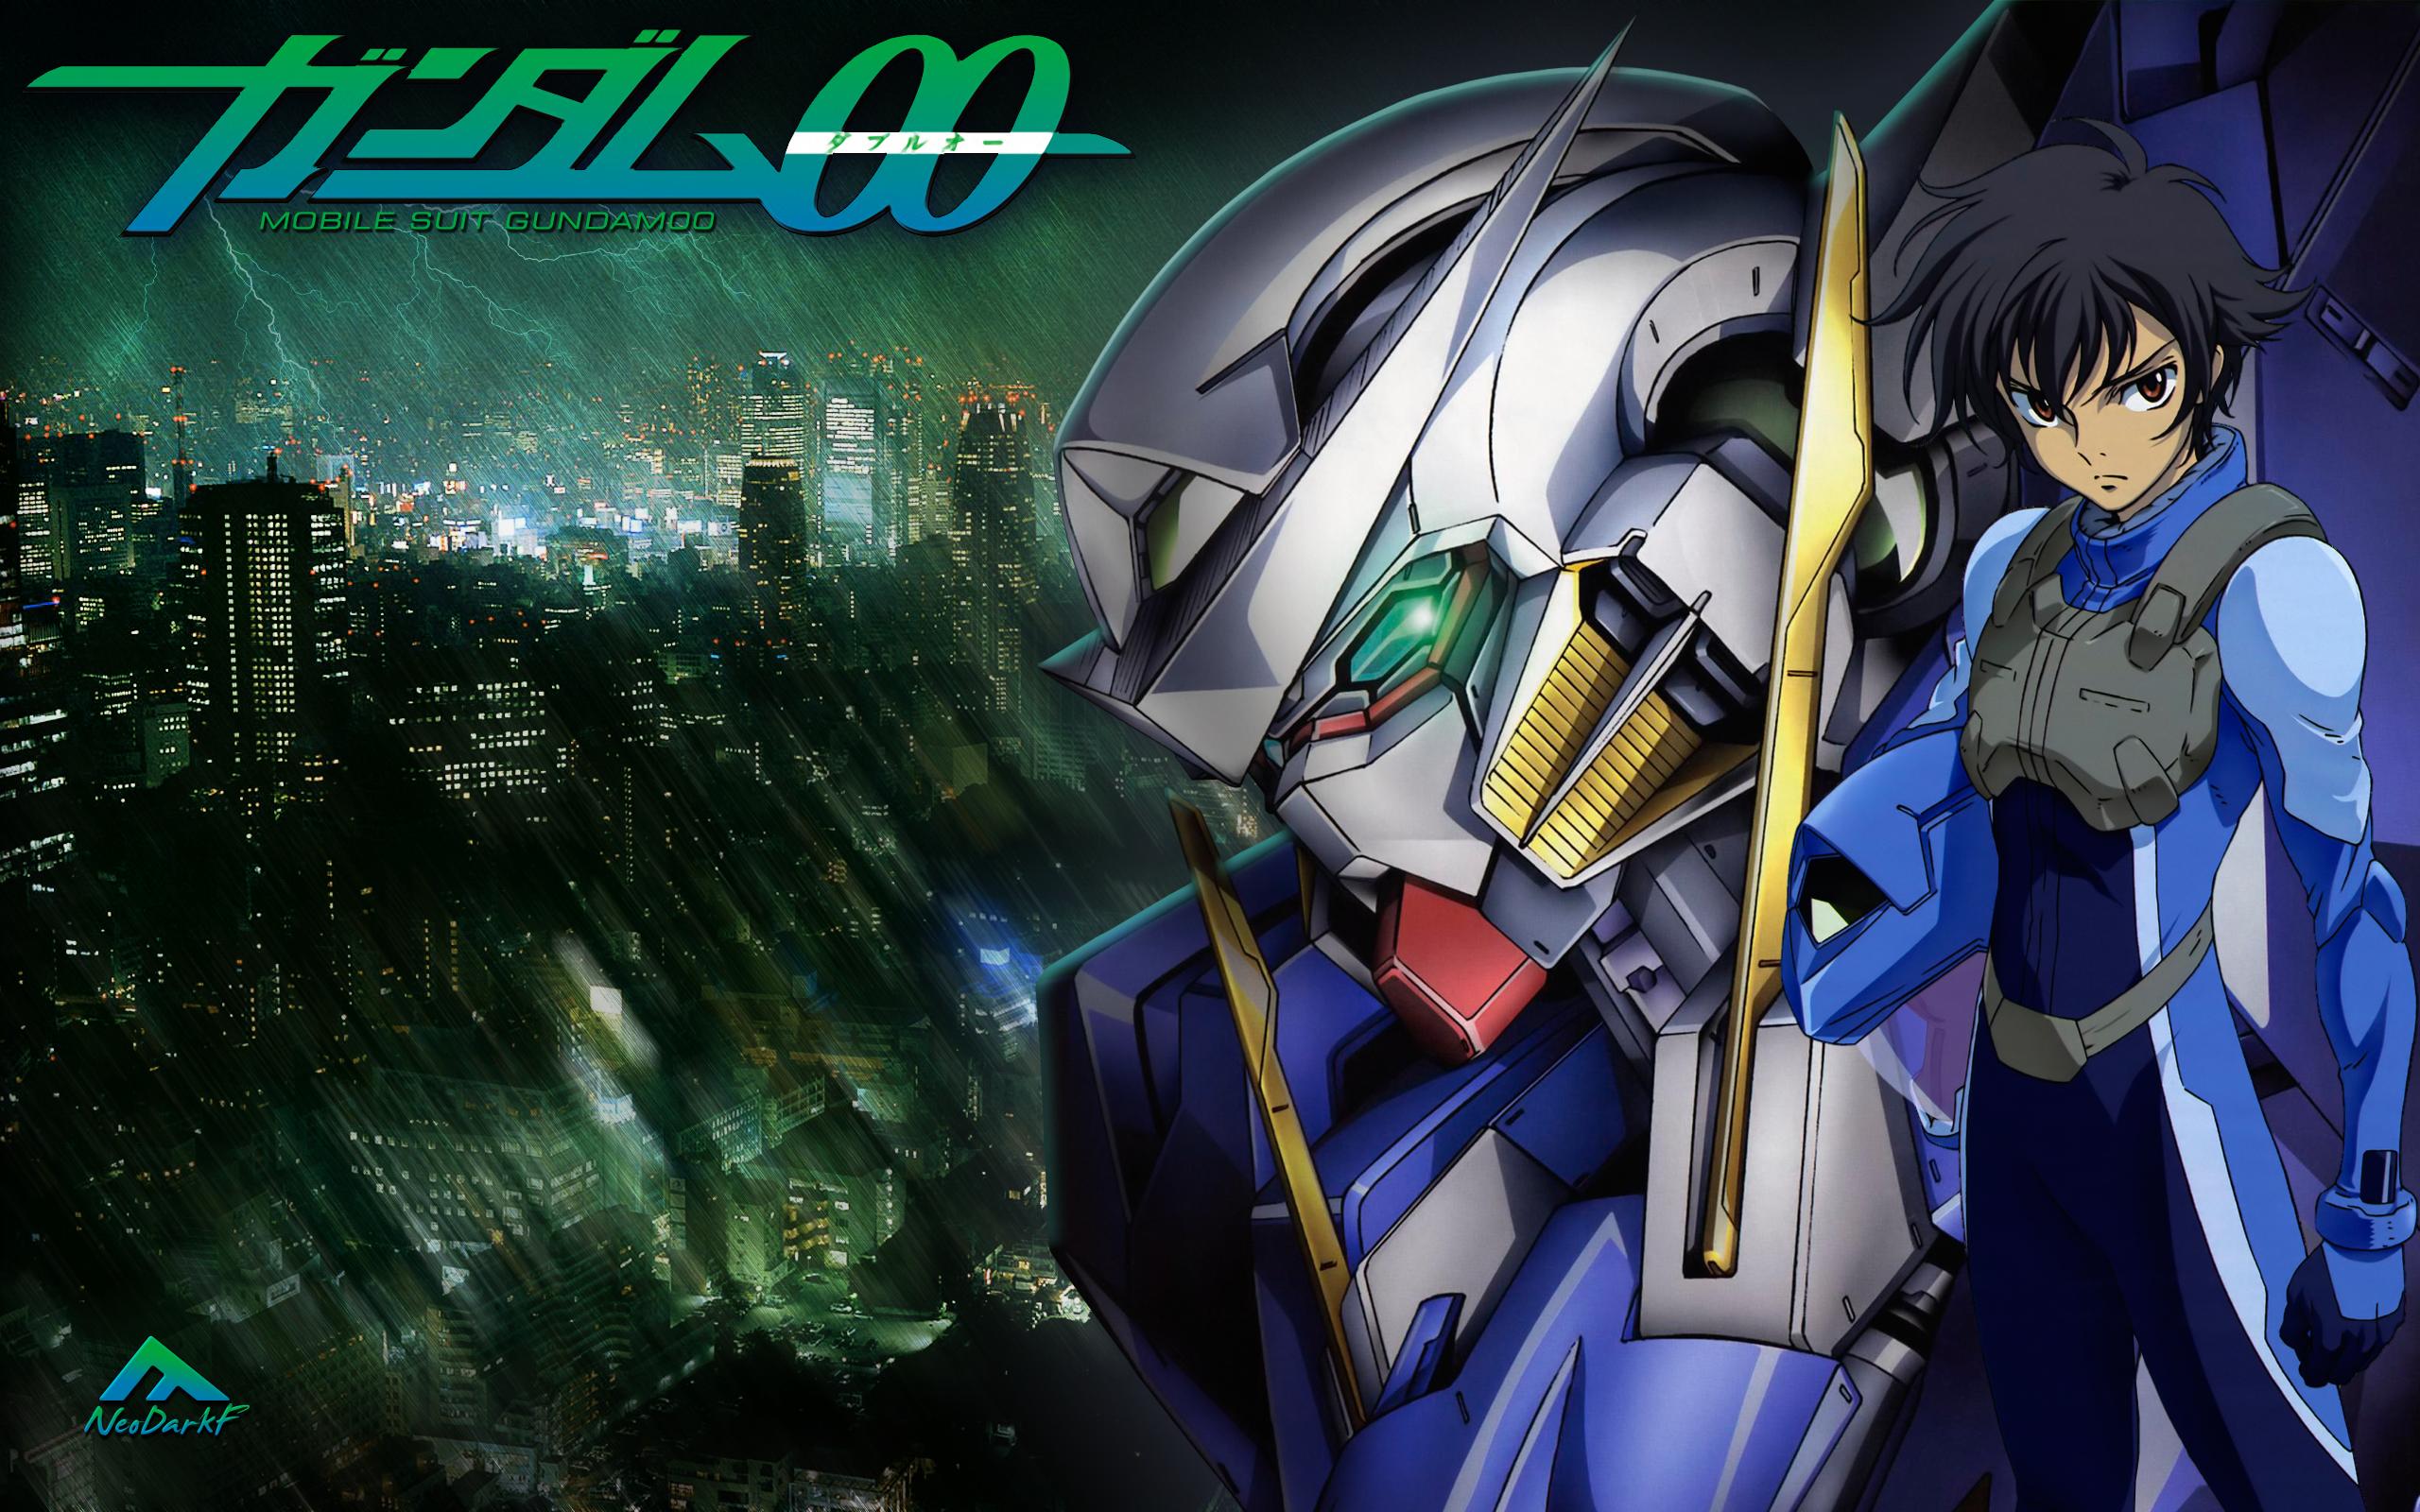 Gundam Exia Wallpaper 10 Background Wallpaper   Animewpcom 2560x1600